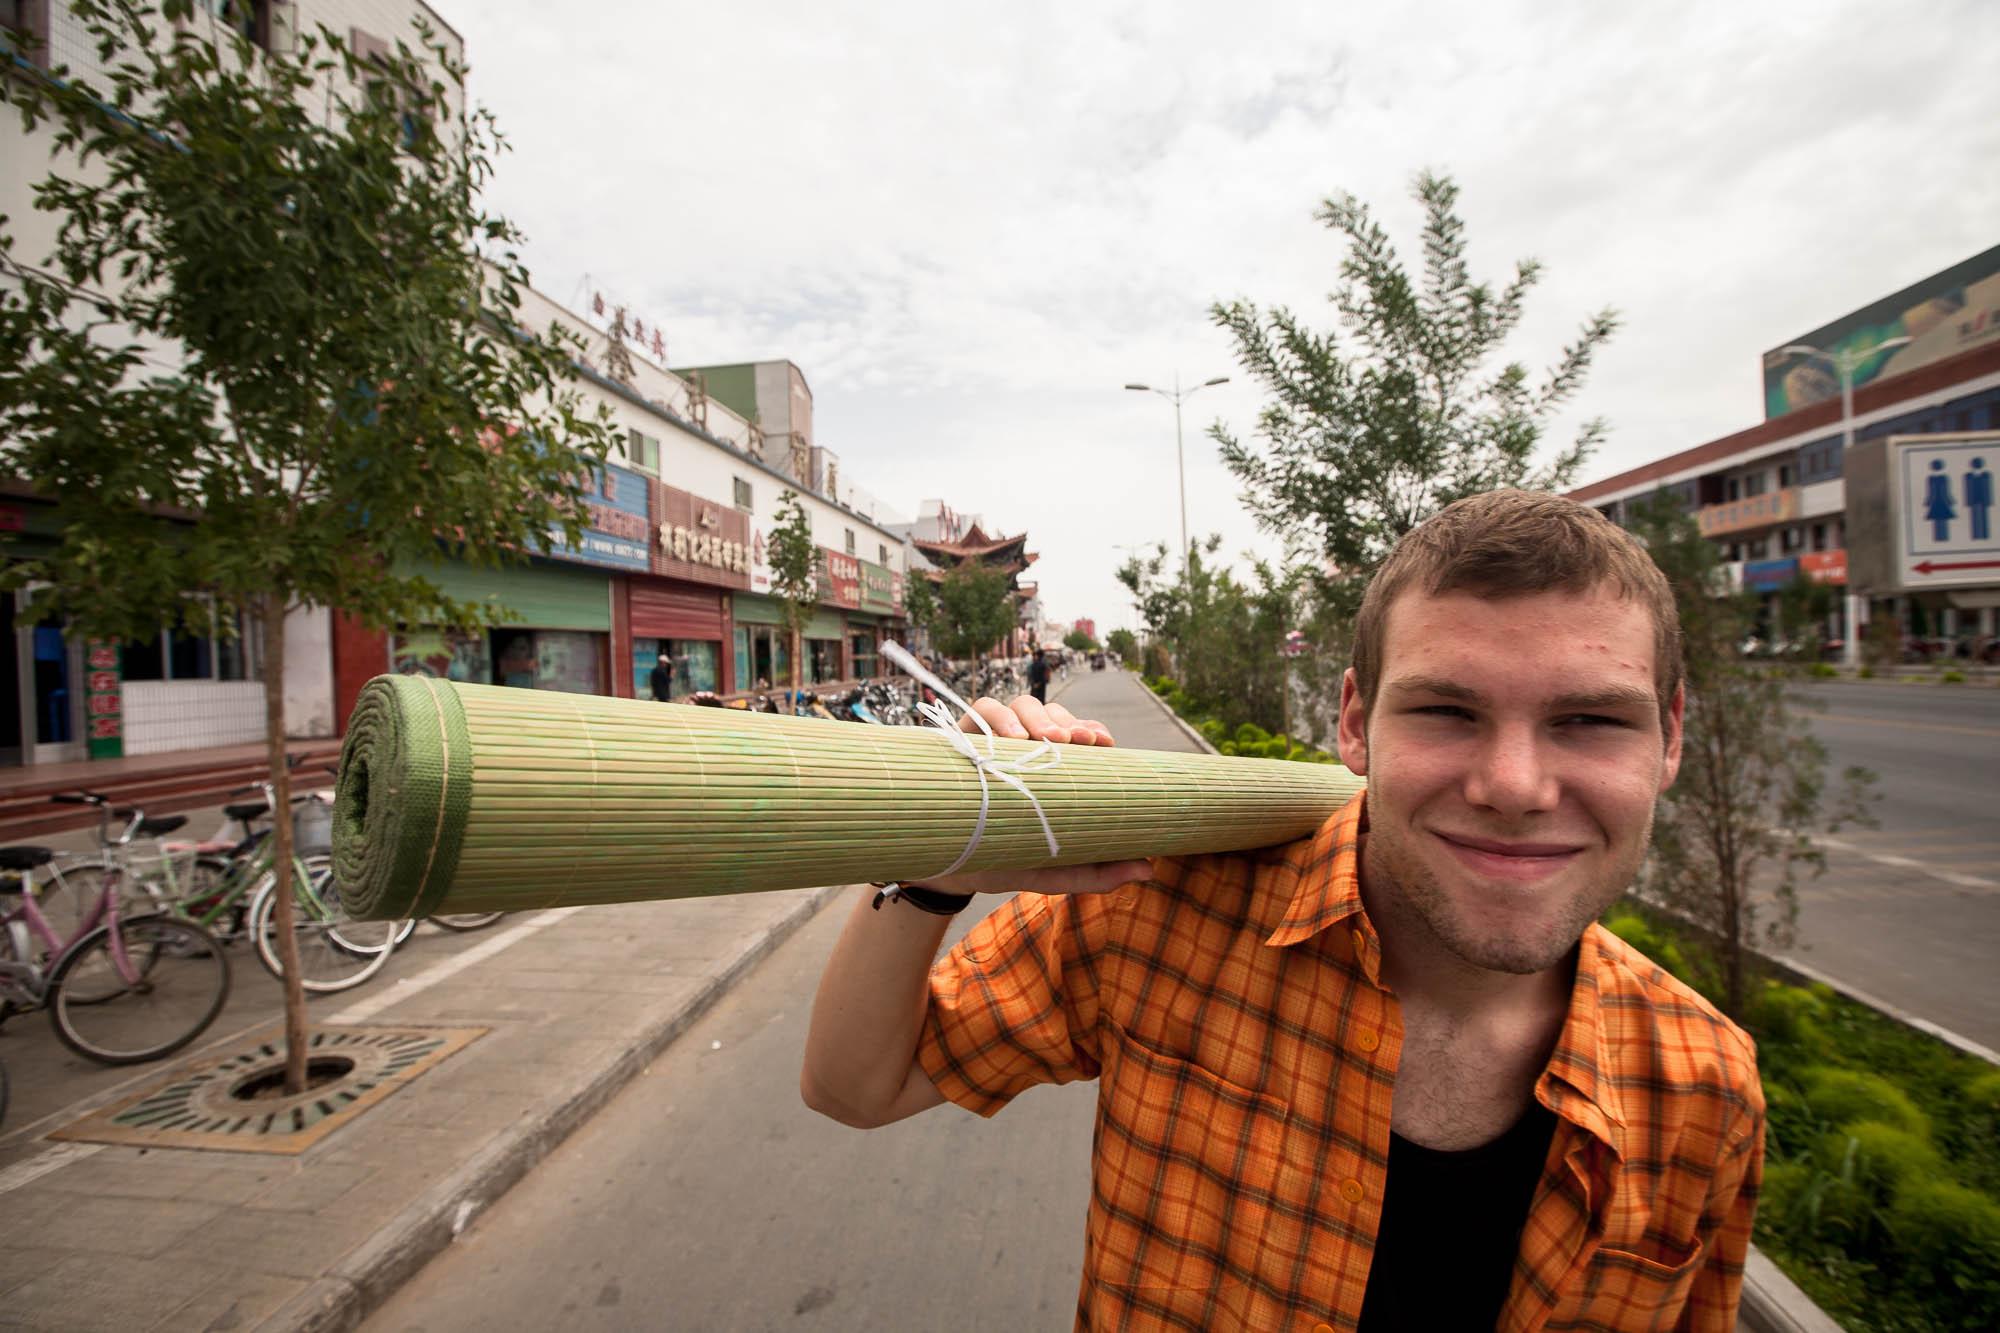 buying a bamboo mat